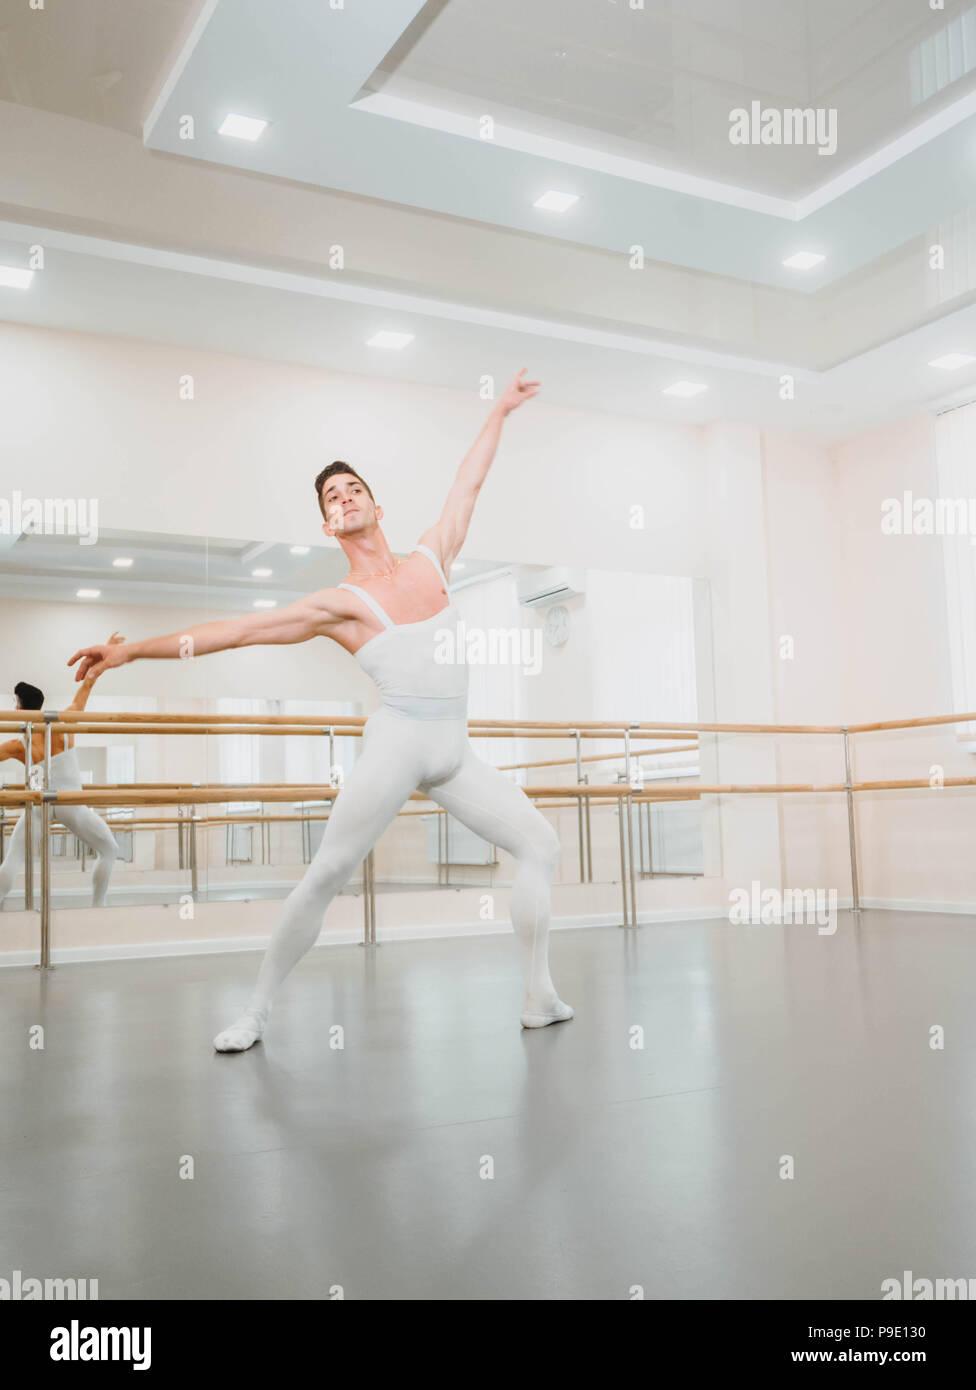 Jeune beau danseur pratiquant dans le ballet classique en petit studio avec miroirs. L'homme en collants blancs. Chorégraphe professionnel travaille sur la création de la performance. Photo Stock